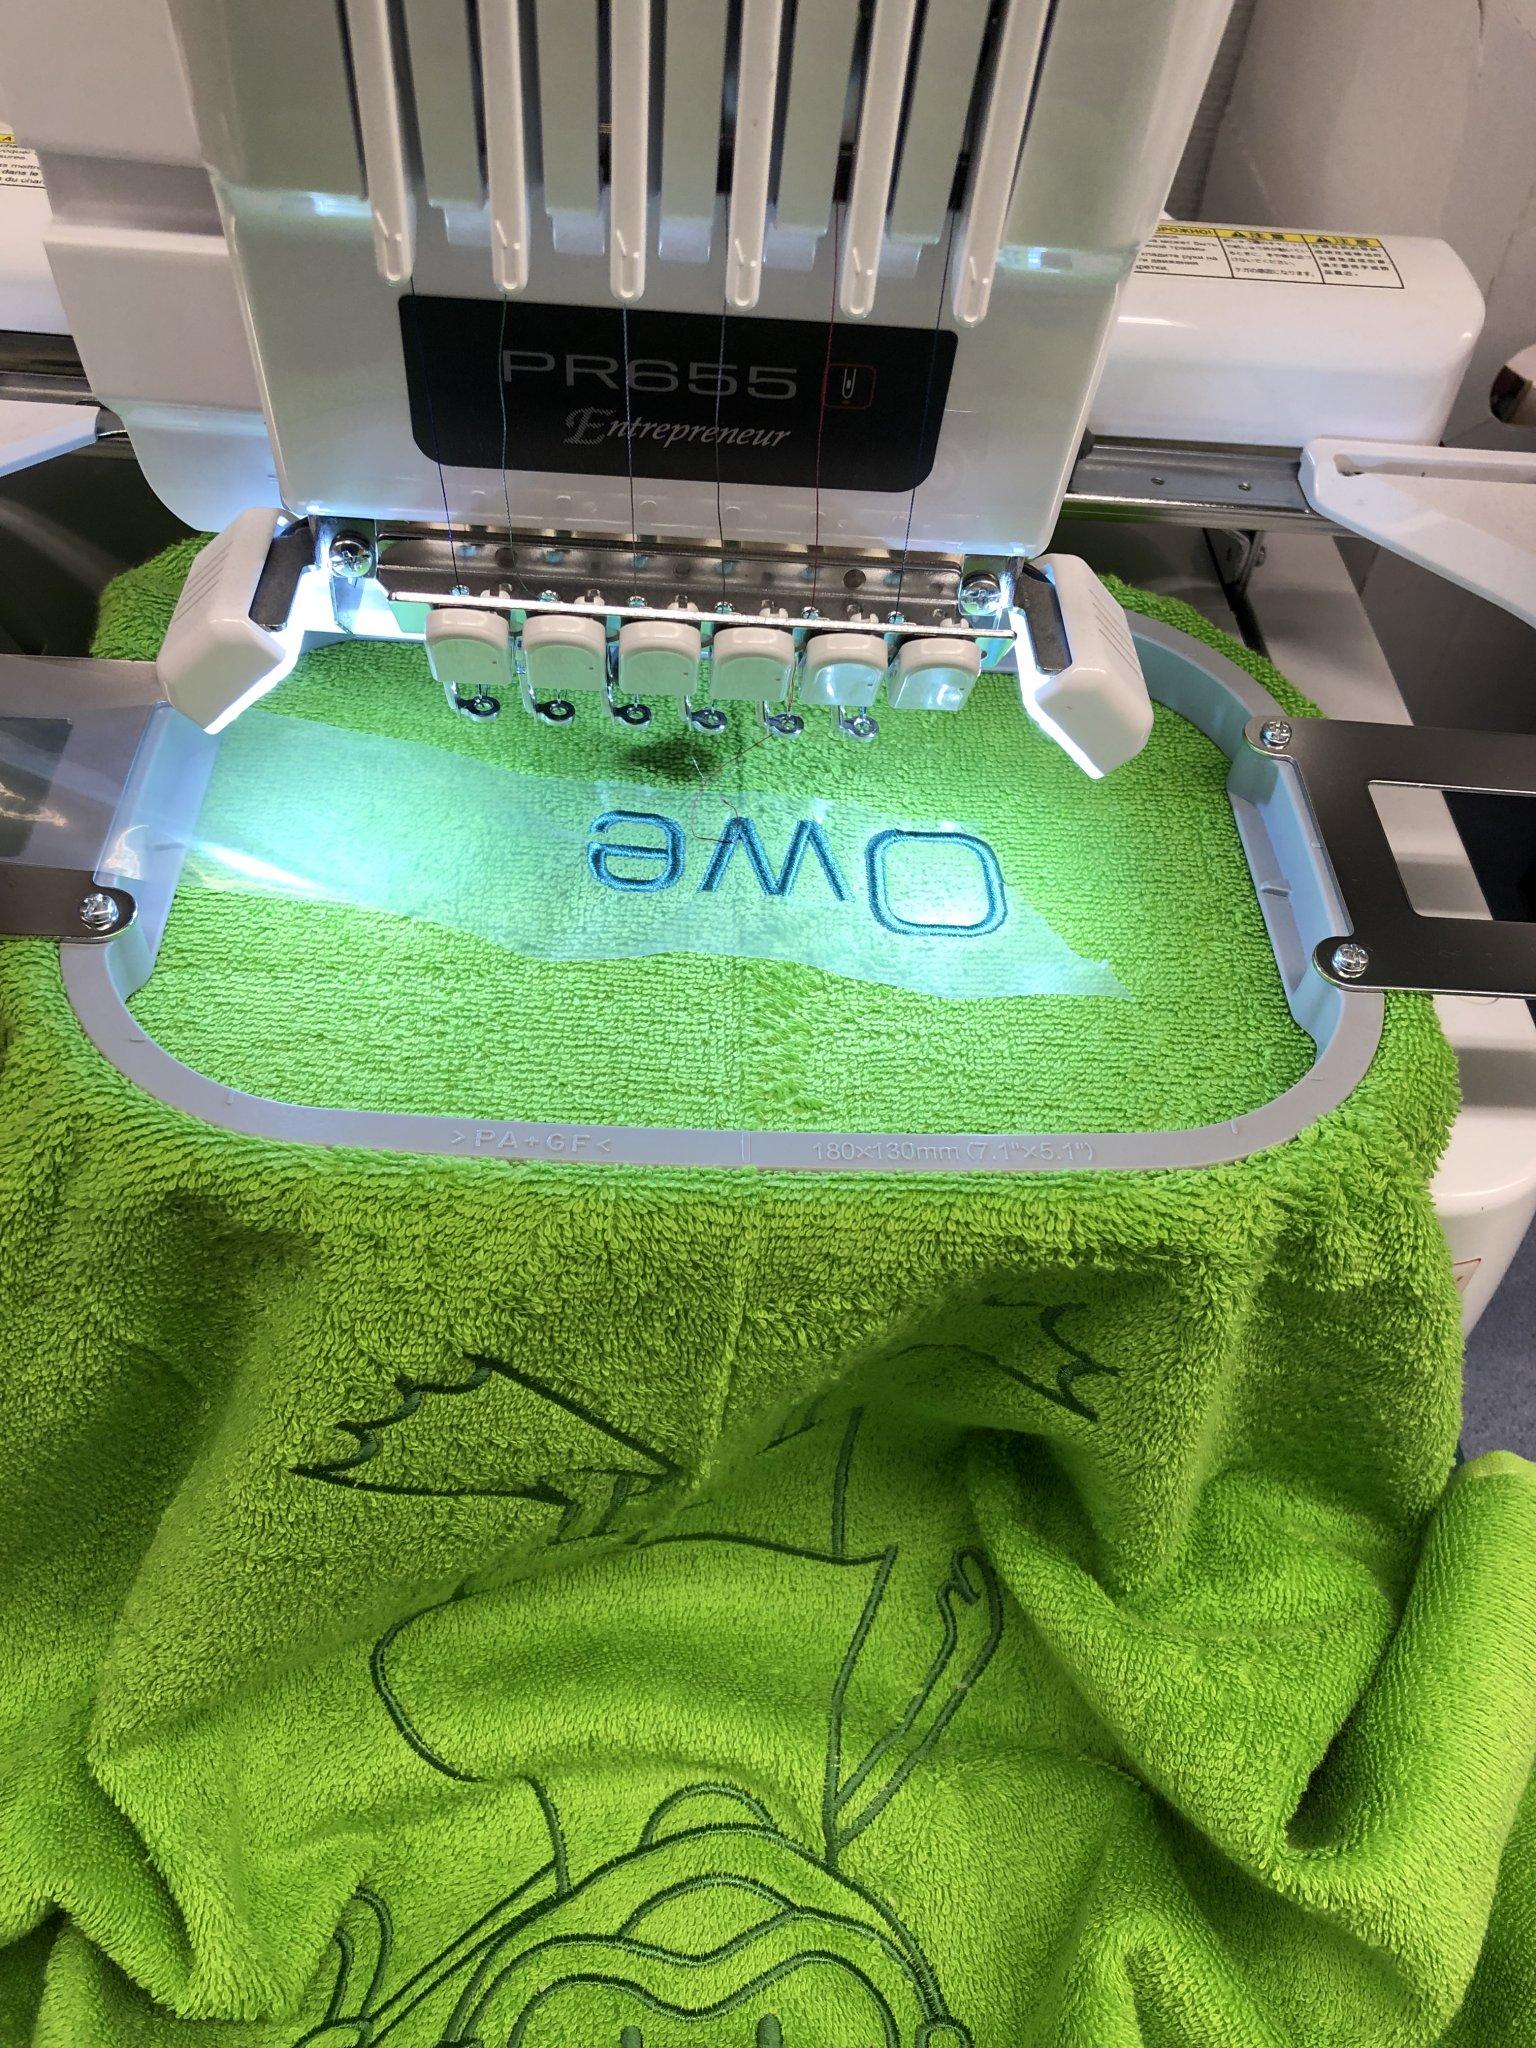 personaliseren, borduren van badlinnen en keukenlinnen